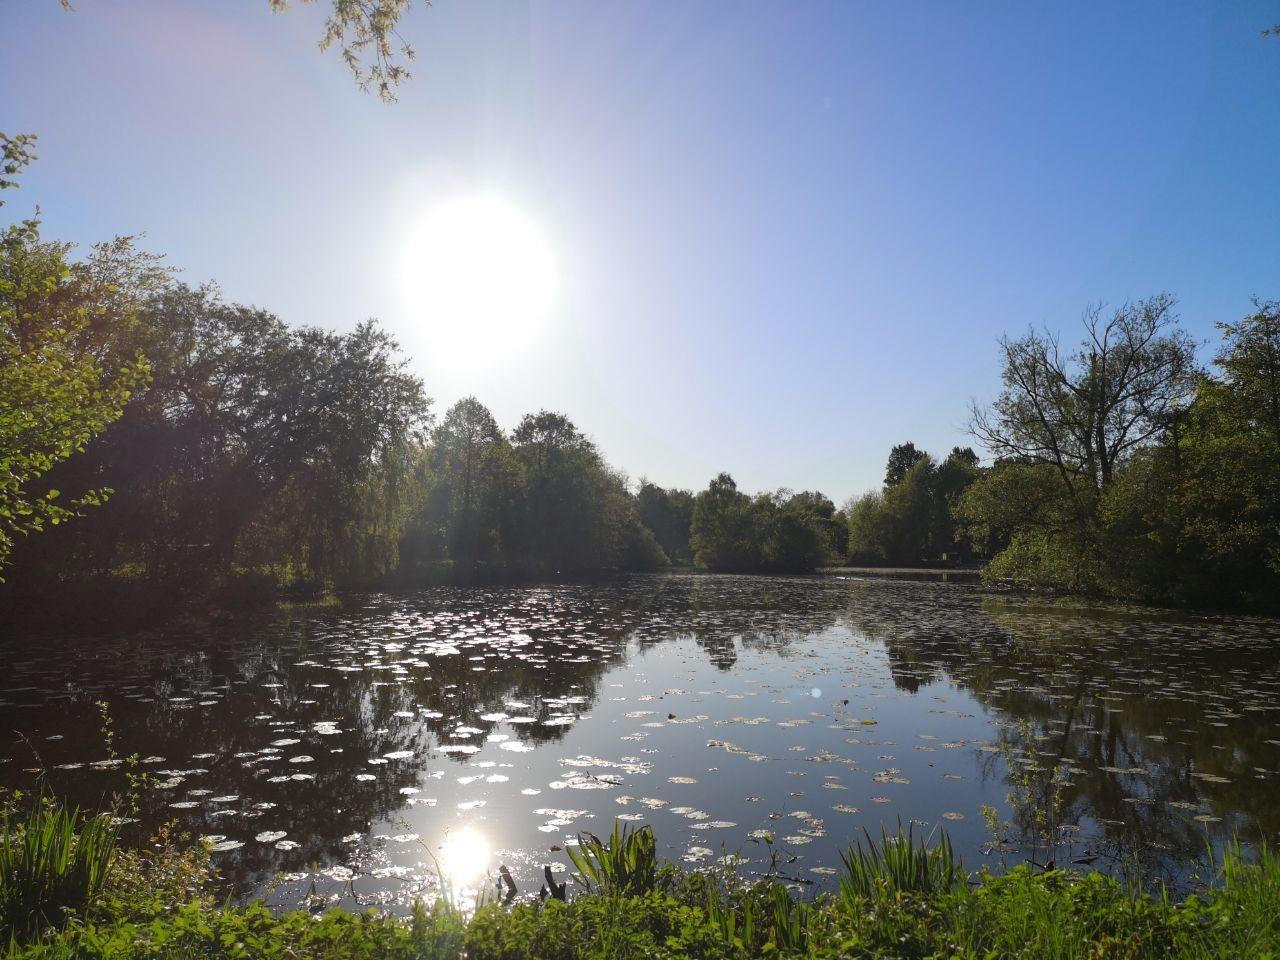 Einer der Seen im Inselpark in Wilhelmsburg. Foto: Thoya Urbach